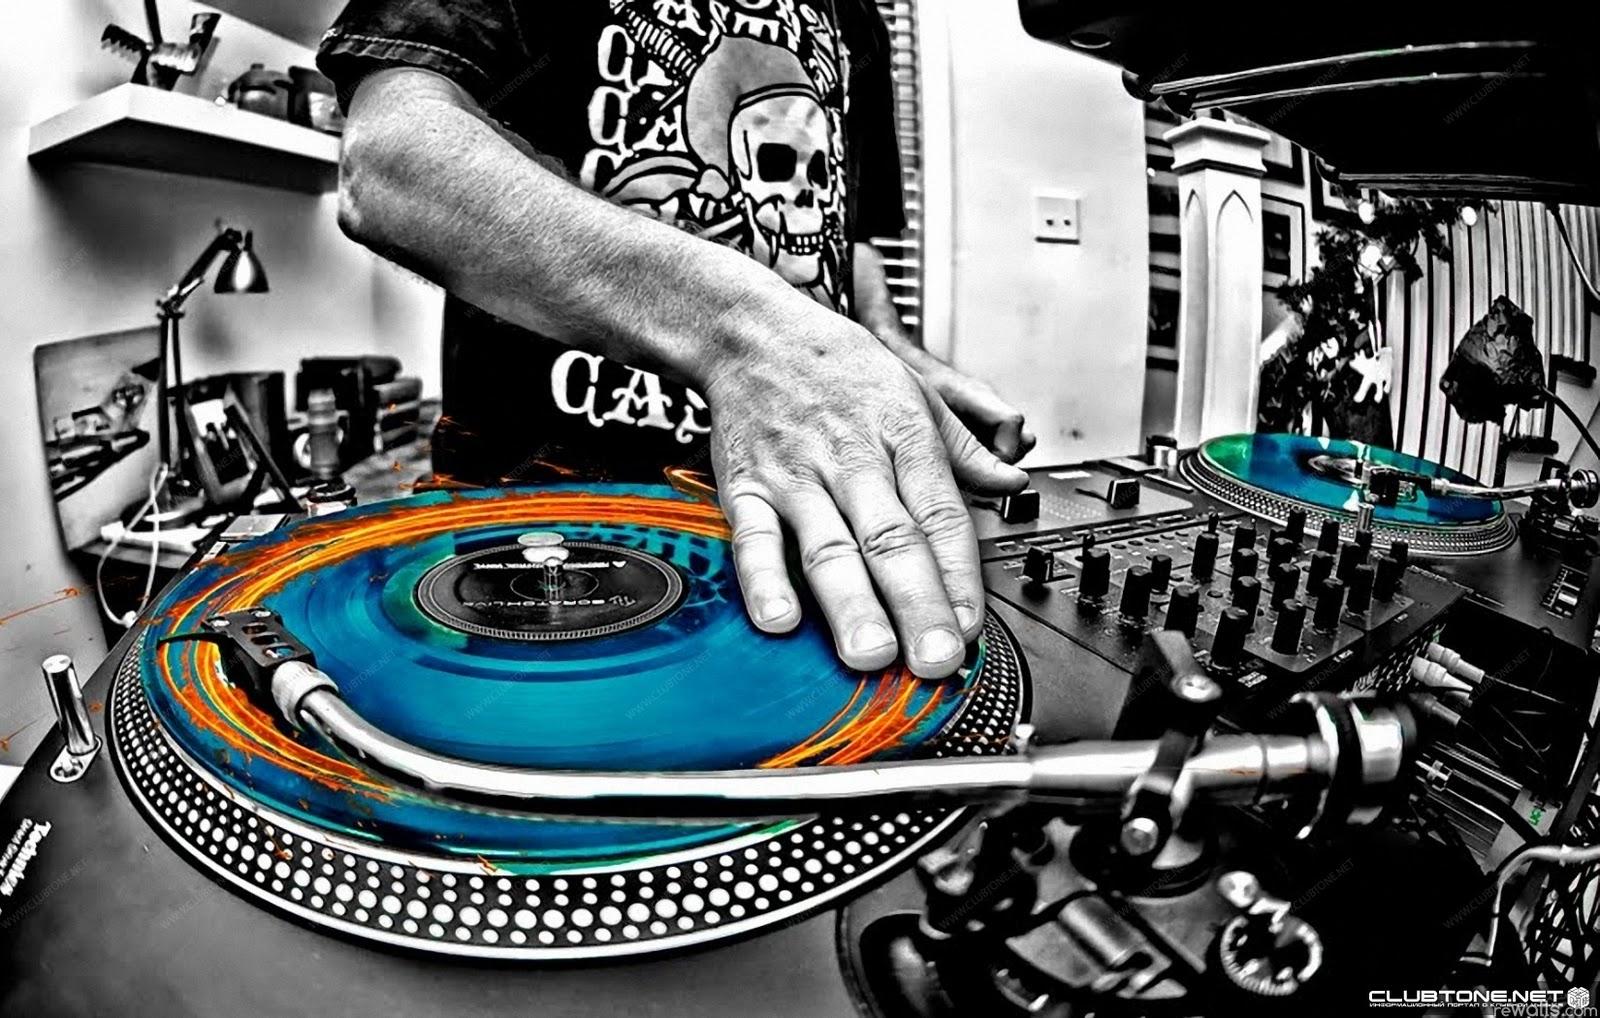 http://3.bp.blogspot.com/-M5UozckNOLY/TcbGnDBSmeI/AAAAAAAAABc/fc2lULABQ34/s1600/Dj.+Music+Plate+Awesome+HD+Wallpaper+-+FreeHDWall.Blogspot.Com.jpg